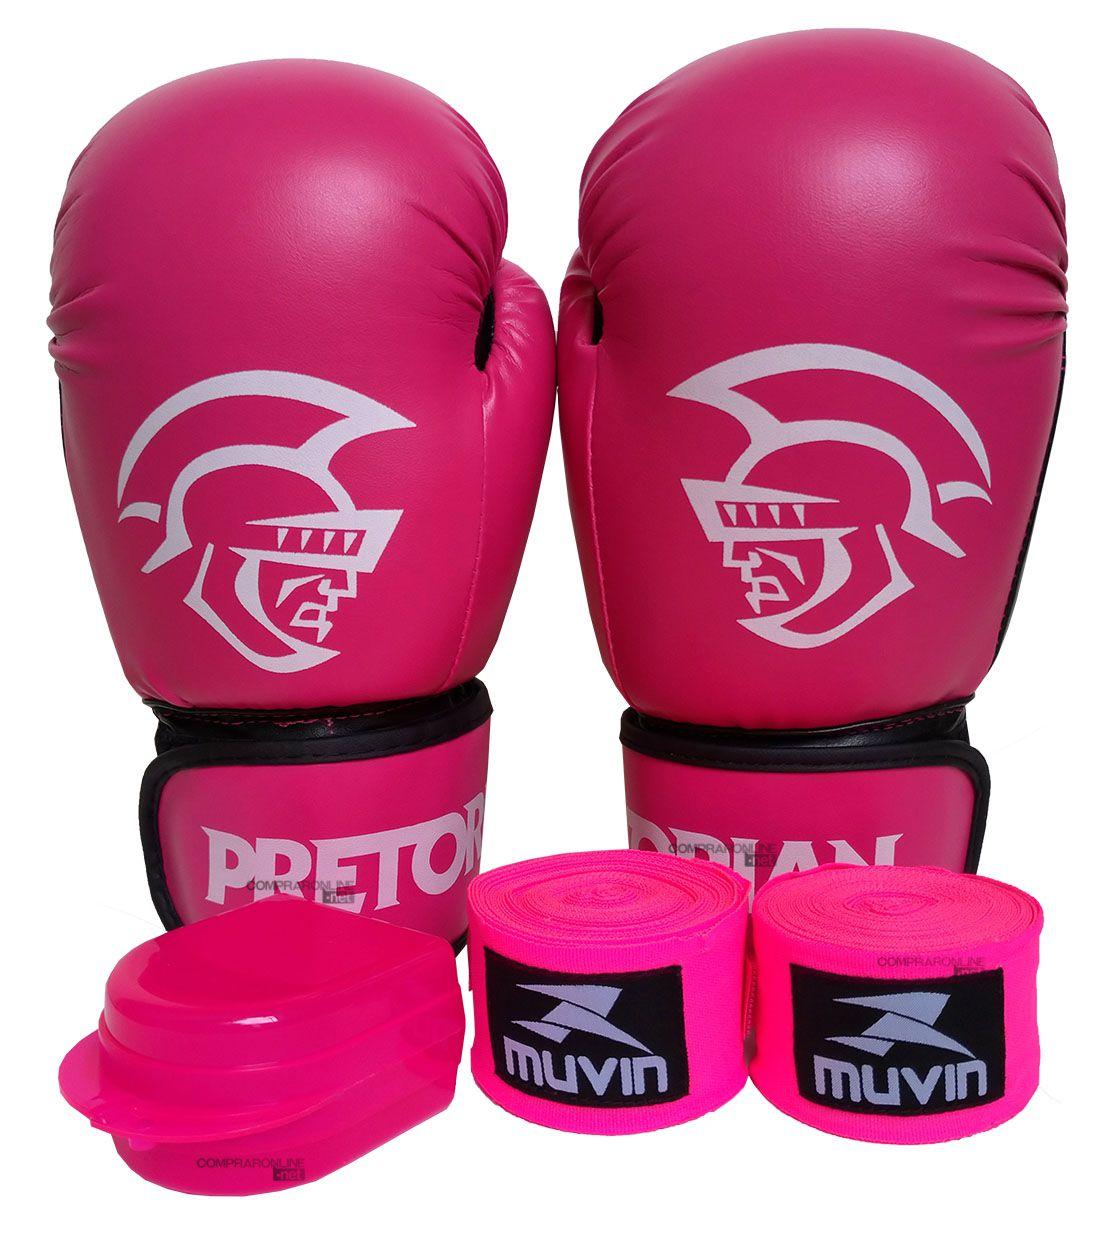 63d23cbb4 Kit Muay Thai Boxe Luva Bandagens Bucal Pretorian 12 Oz Rosa ...